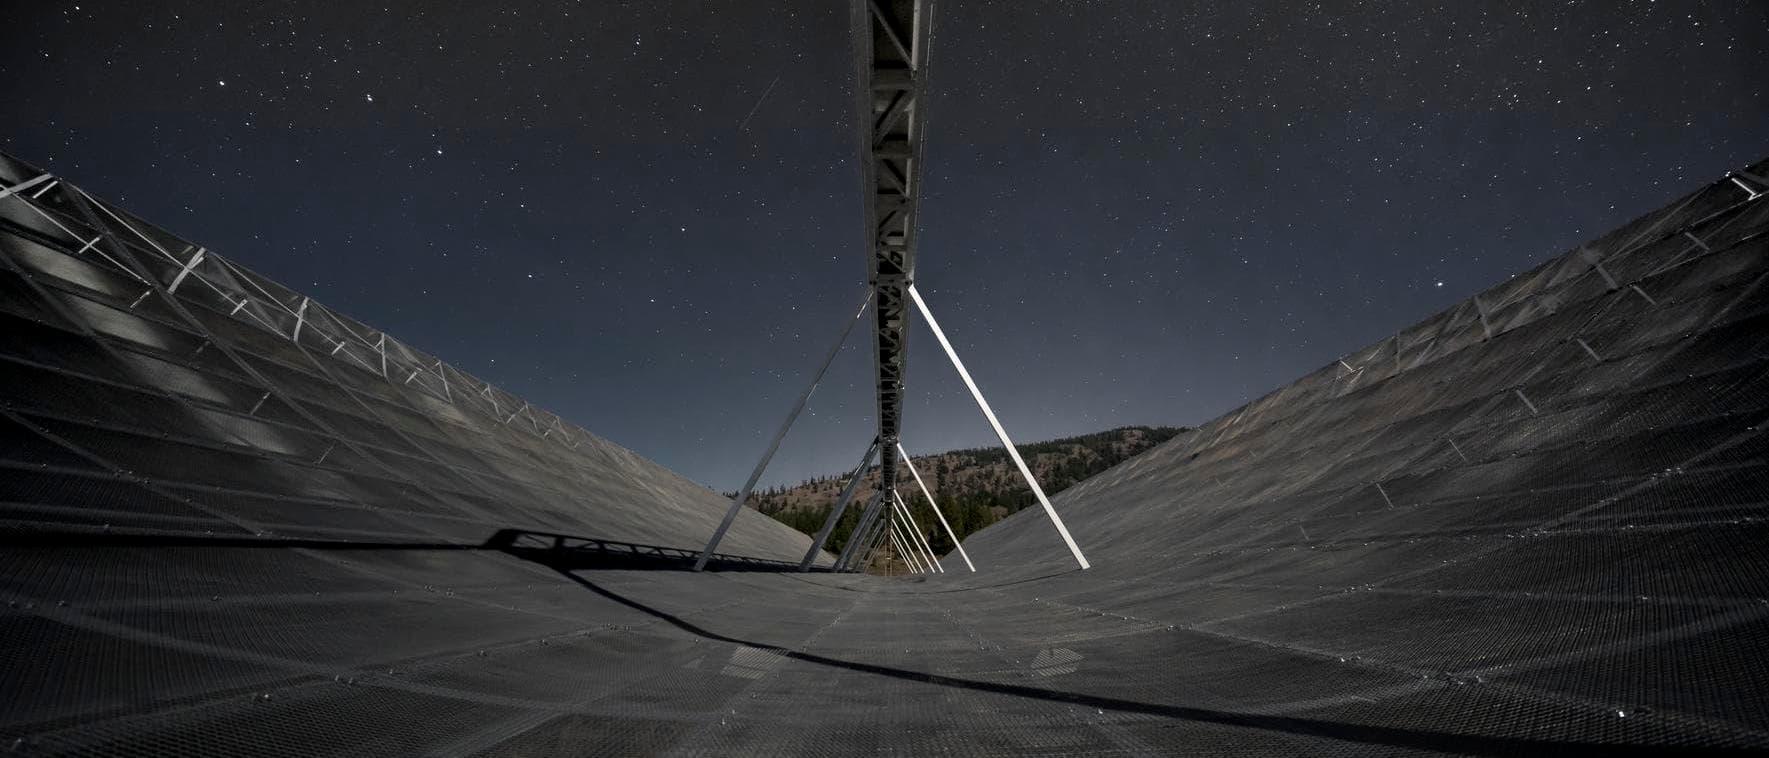 Das Radioteleskop CHIME hat in seinem ersten Betriebsjahr 535 schnelle Radioblitze entdeckt.